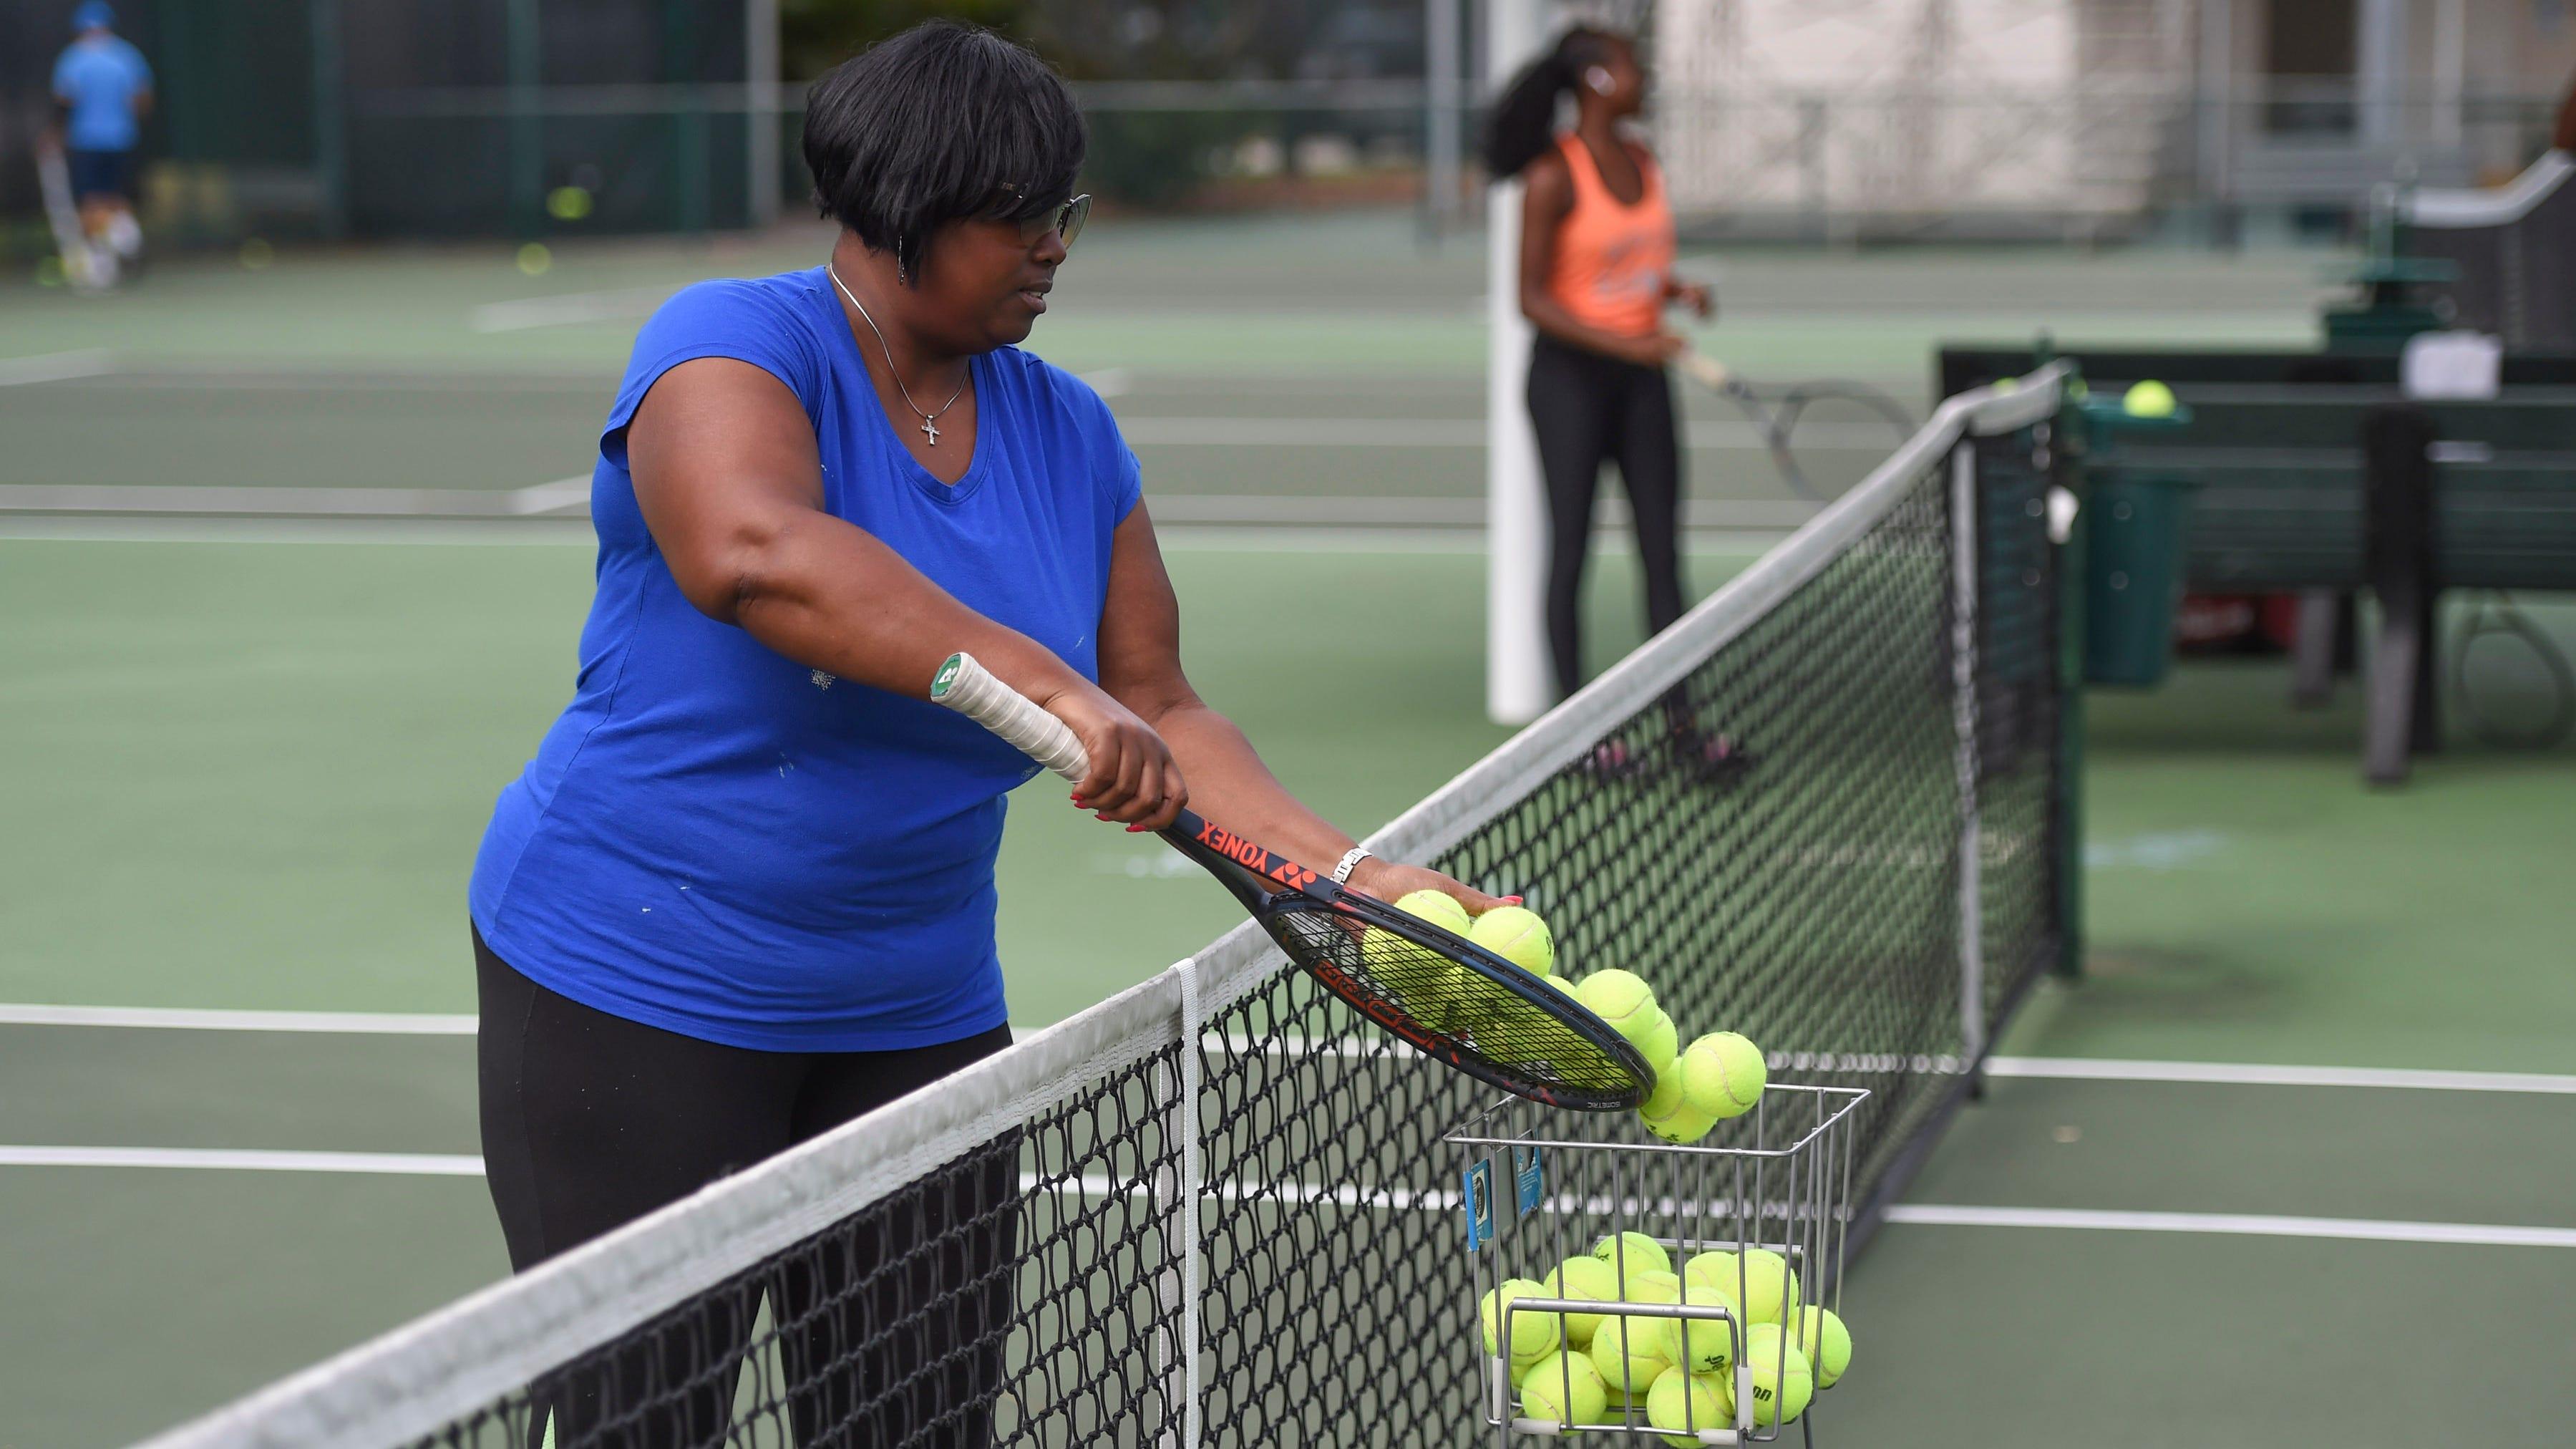 Les résidents jouent au tennis au Lawnwood Tennis Center le mardi 31 mars 2020, à Fort Pierce.  Les courts de tennis du complexe Lawnwood restent ouverts au public, avec des restrictions à l'entrée.